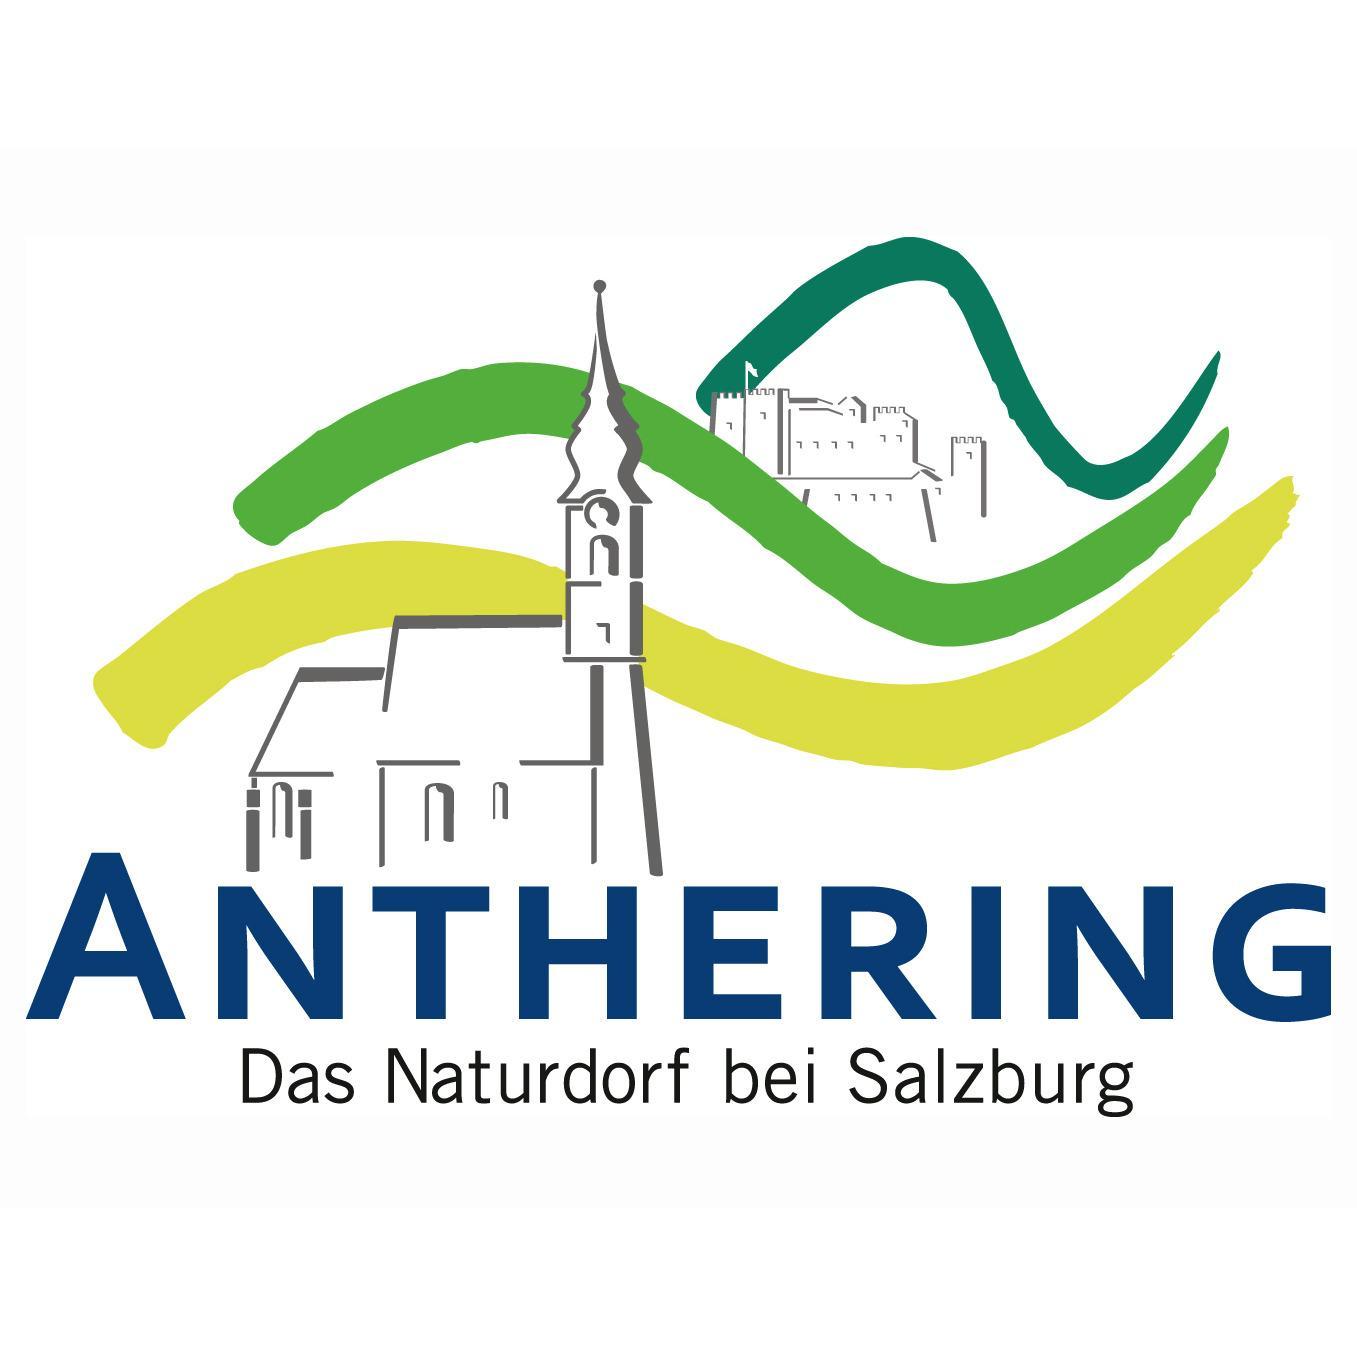 Tourismusverband Anthering